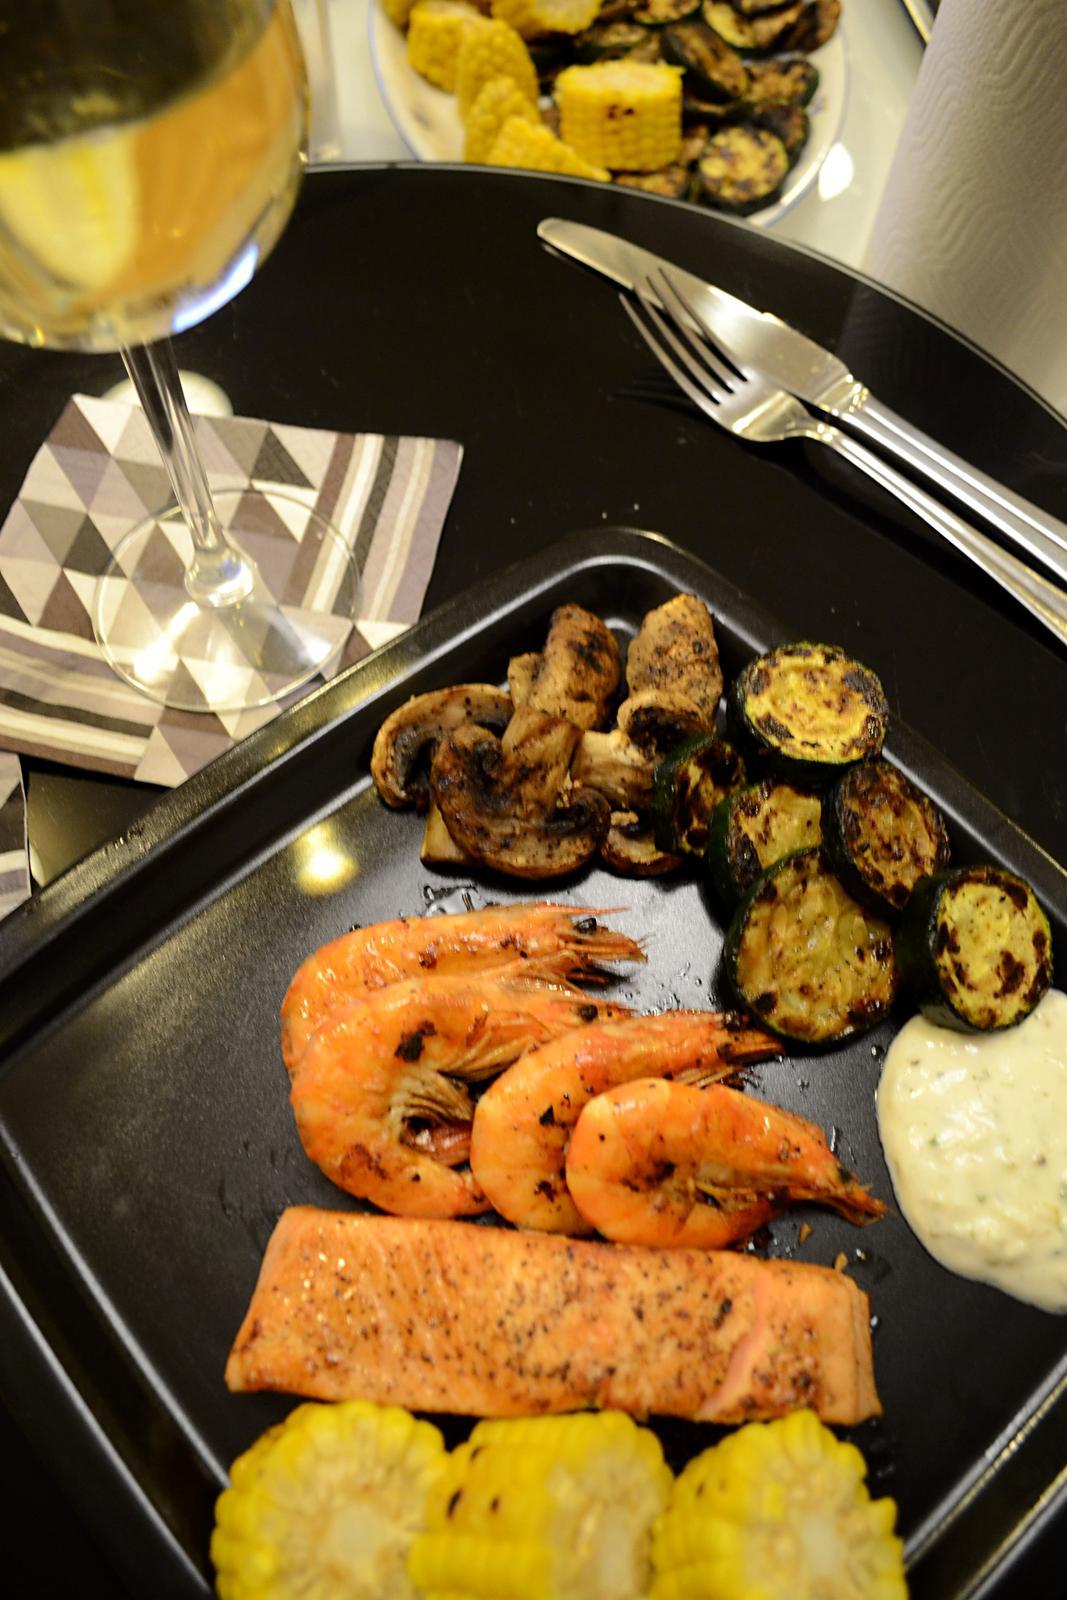 Upečeno a uvařeno u nás doma - Losos, krevety a grilovaná zelenina s bylinkovým dipem... nejlepší nedělní večeře